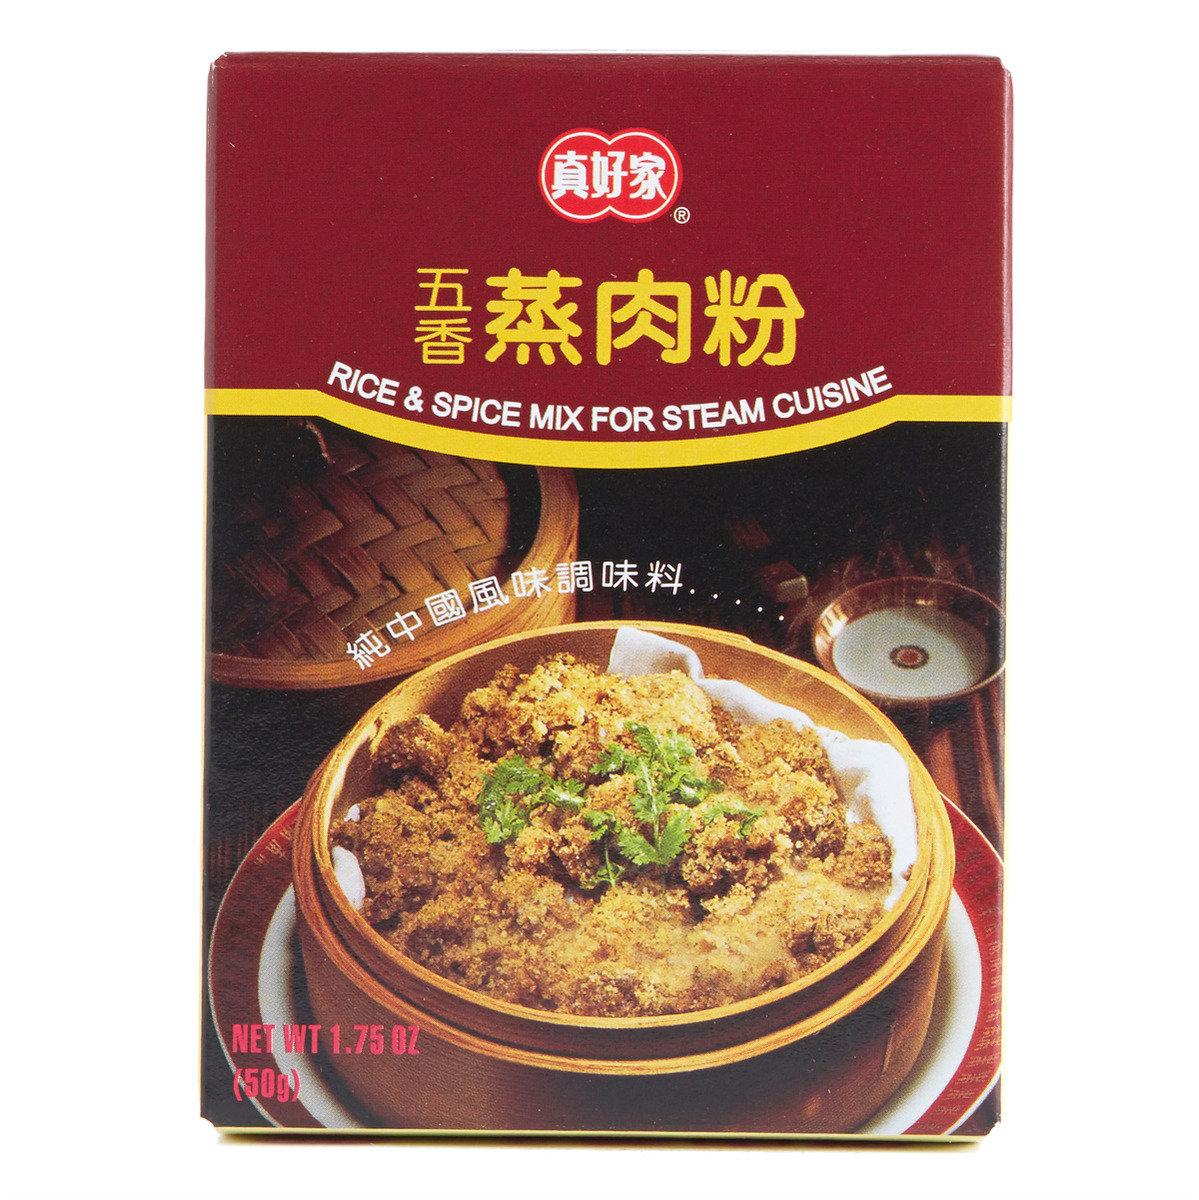 五香蒸肉粉x 2盒